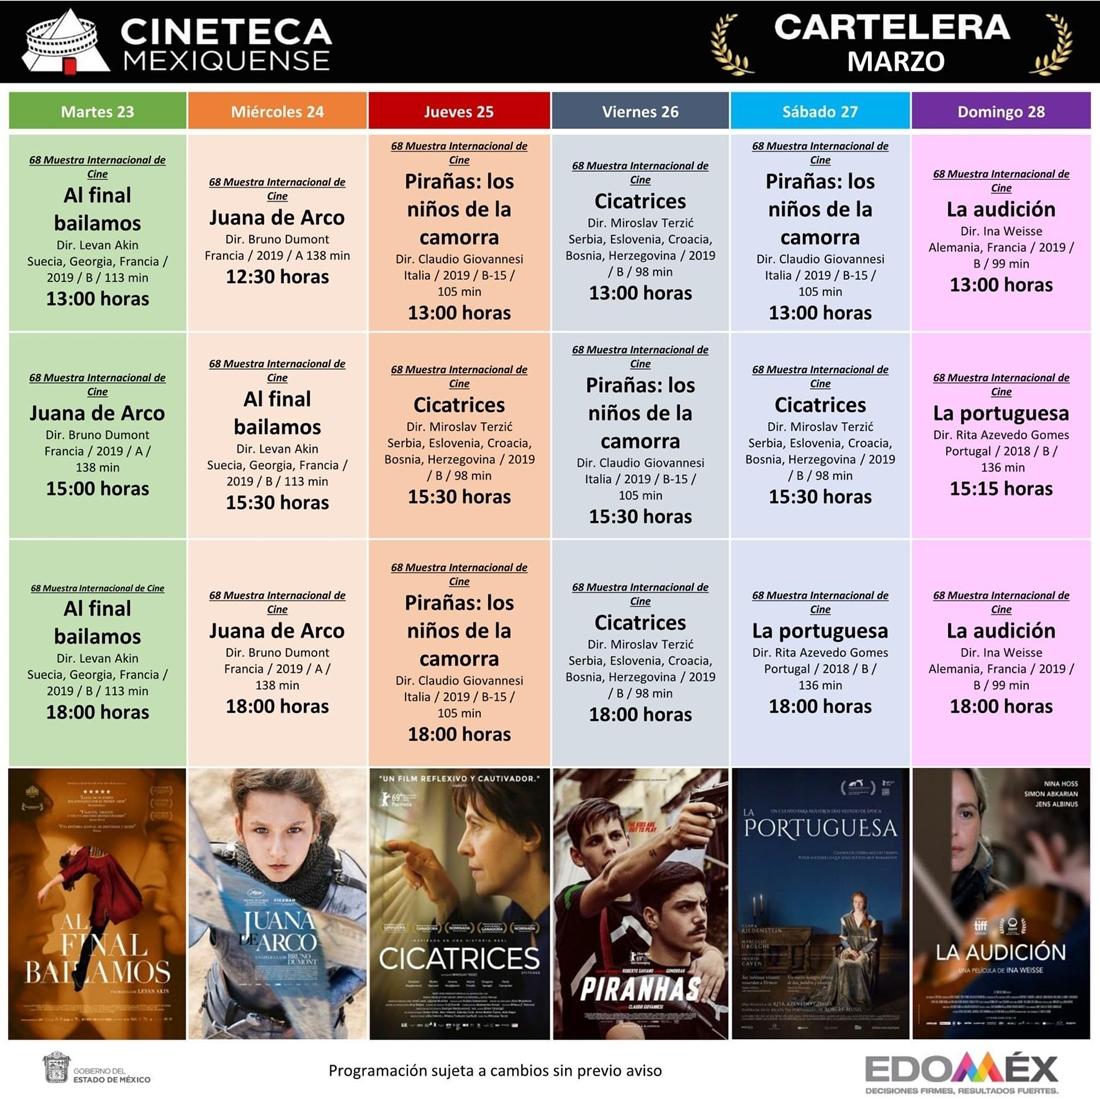 Inicia 68 muestra internacional de cine en la cineteca mexiquense